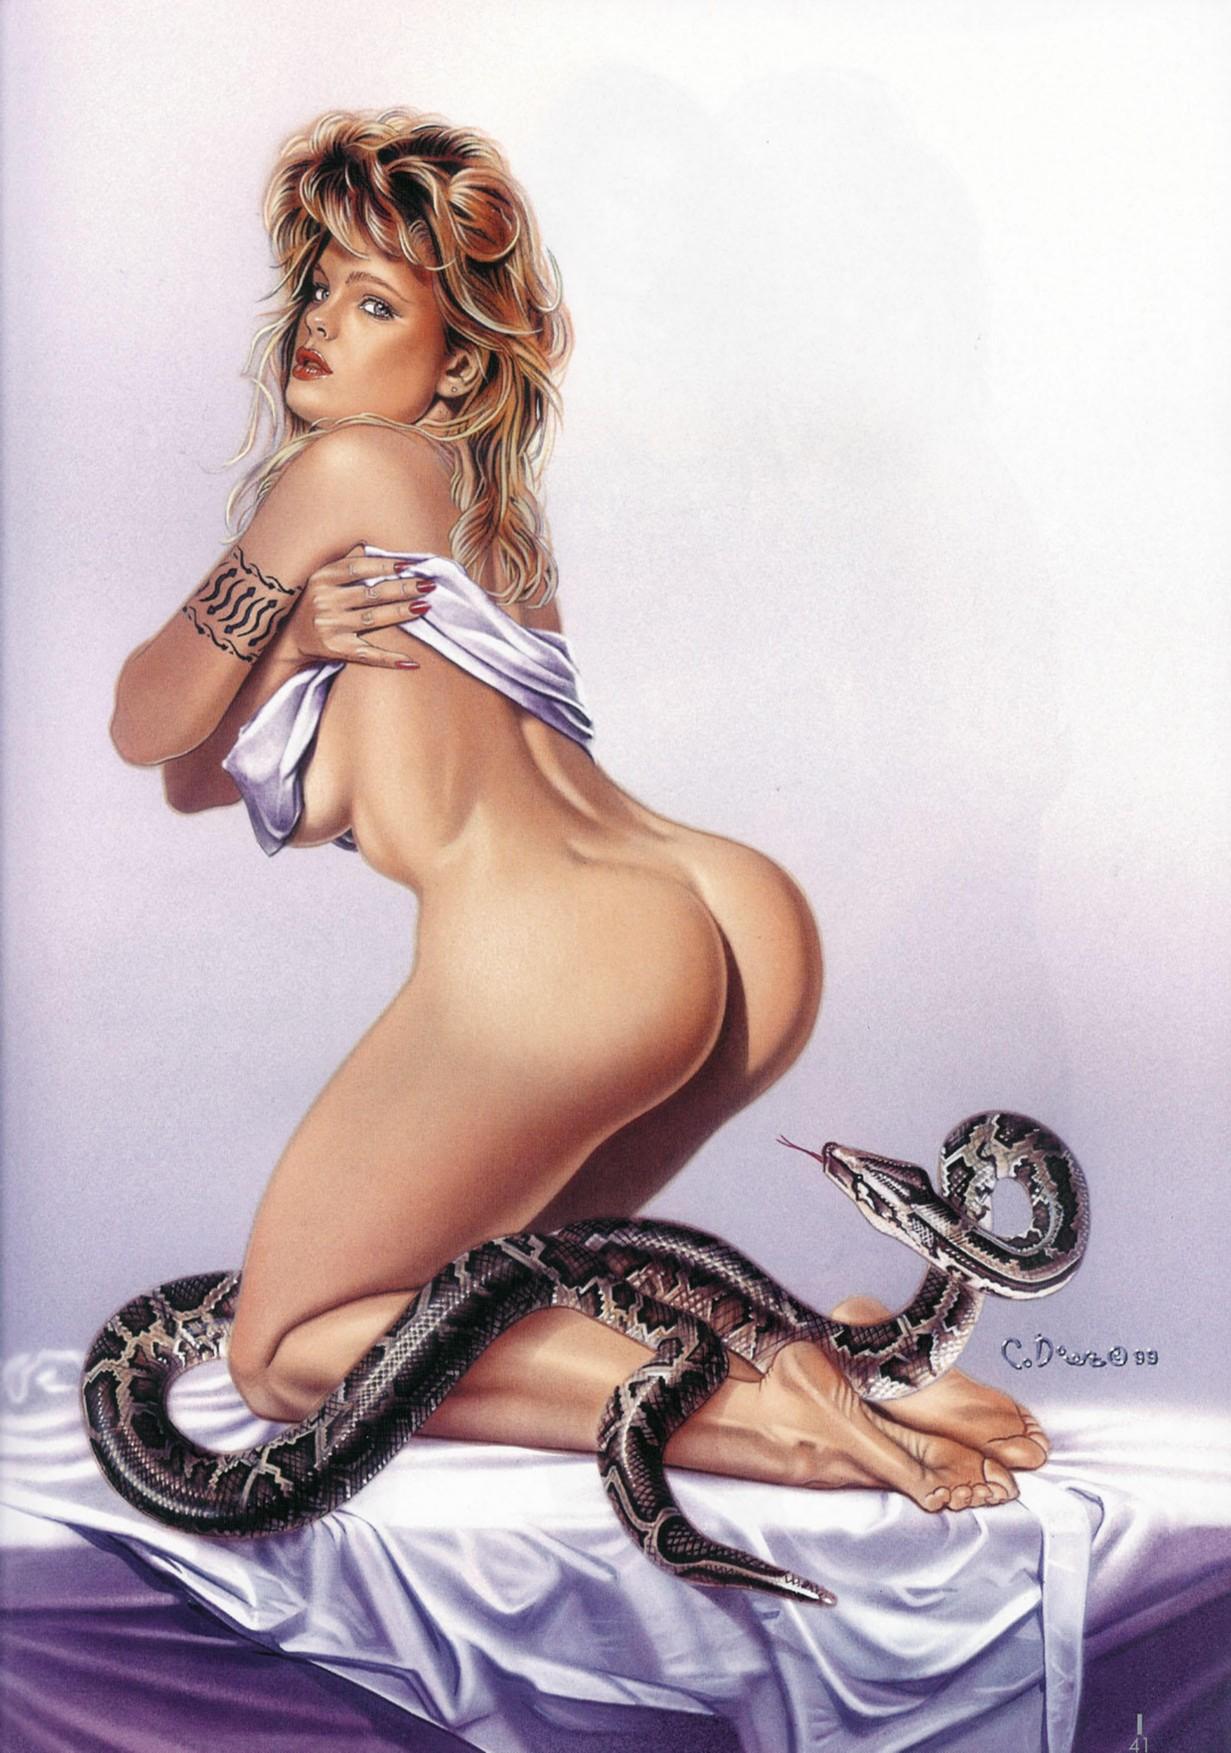 Эротические фэнтези рисунки 19 фотография